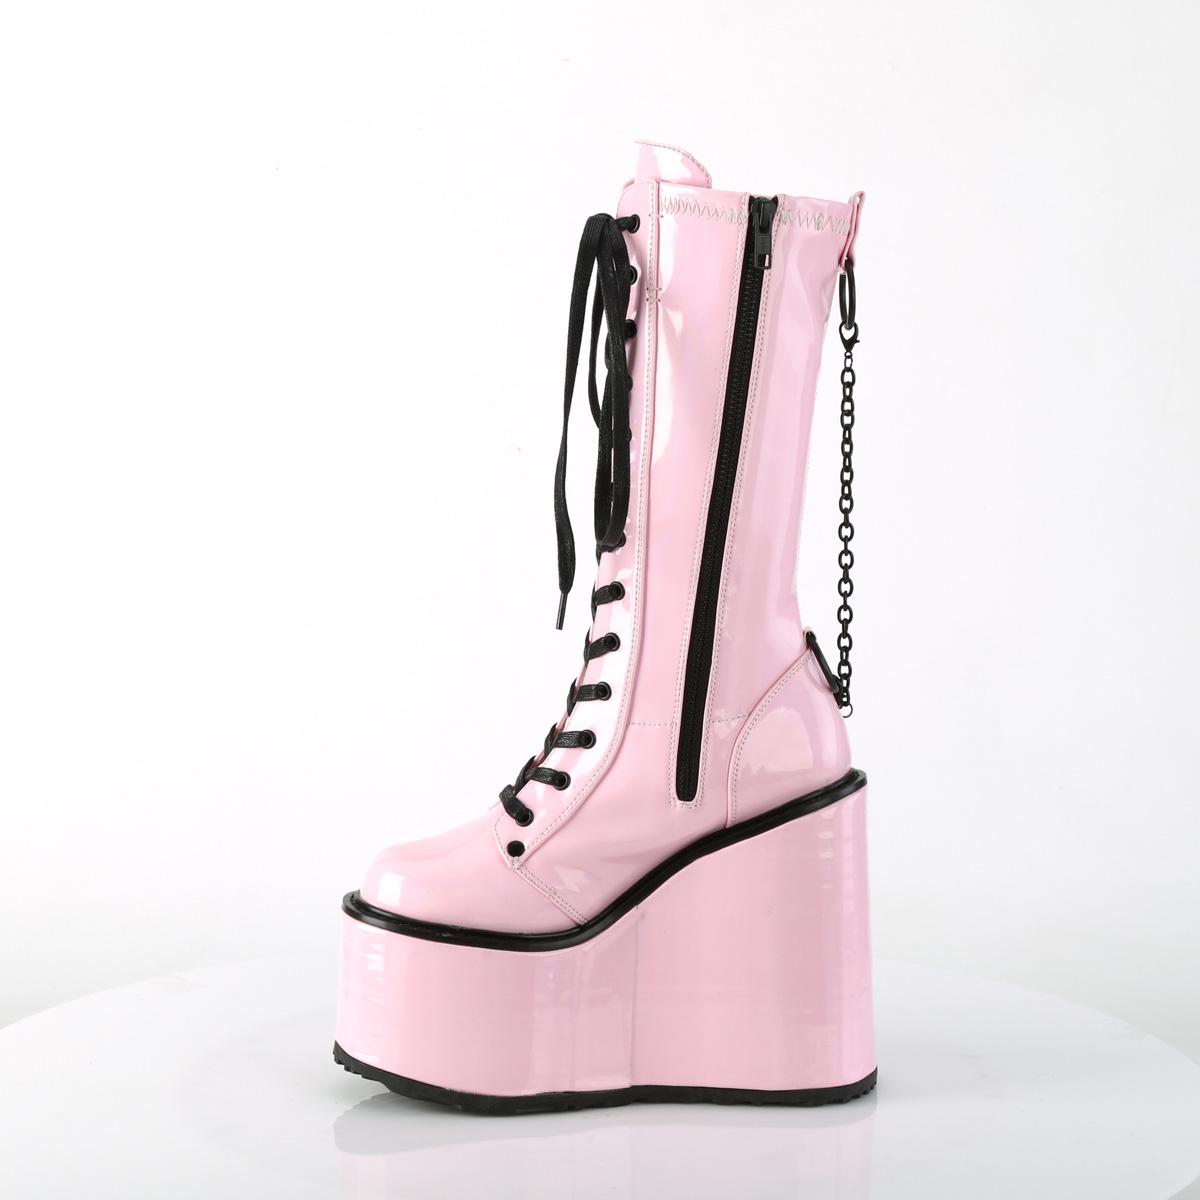 Demonia(デモニア) SWING-150 厚底ミドルブーツ チェーン飾り サイドZIP ベビーピンクホログラム◆取り寄せ